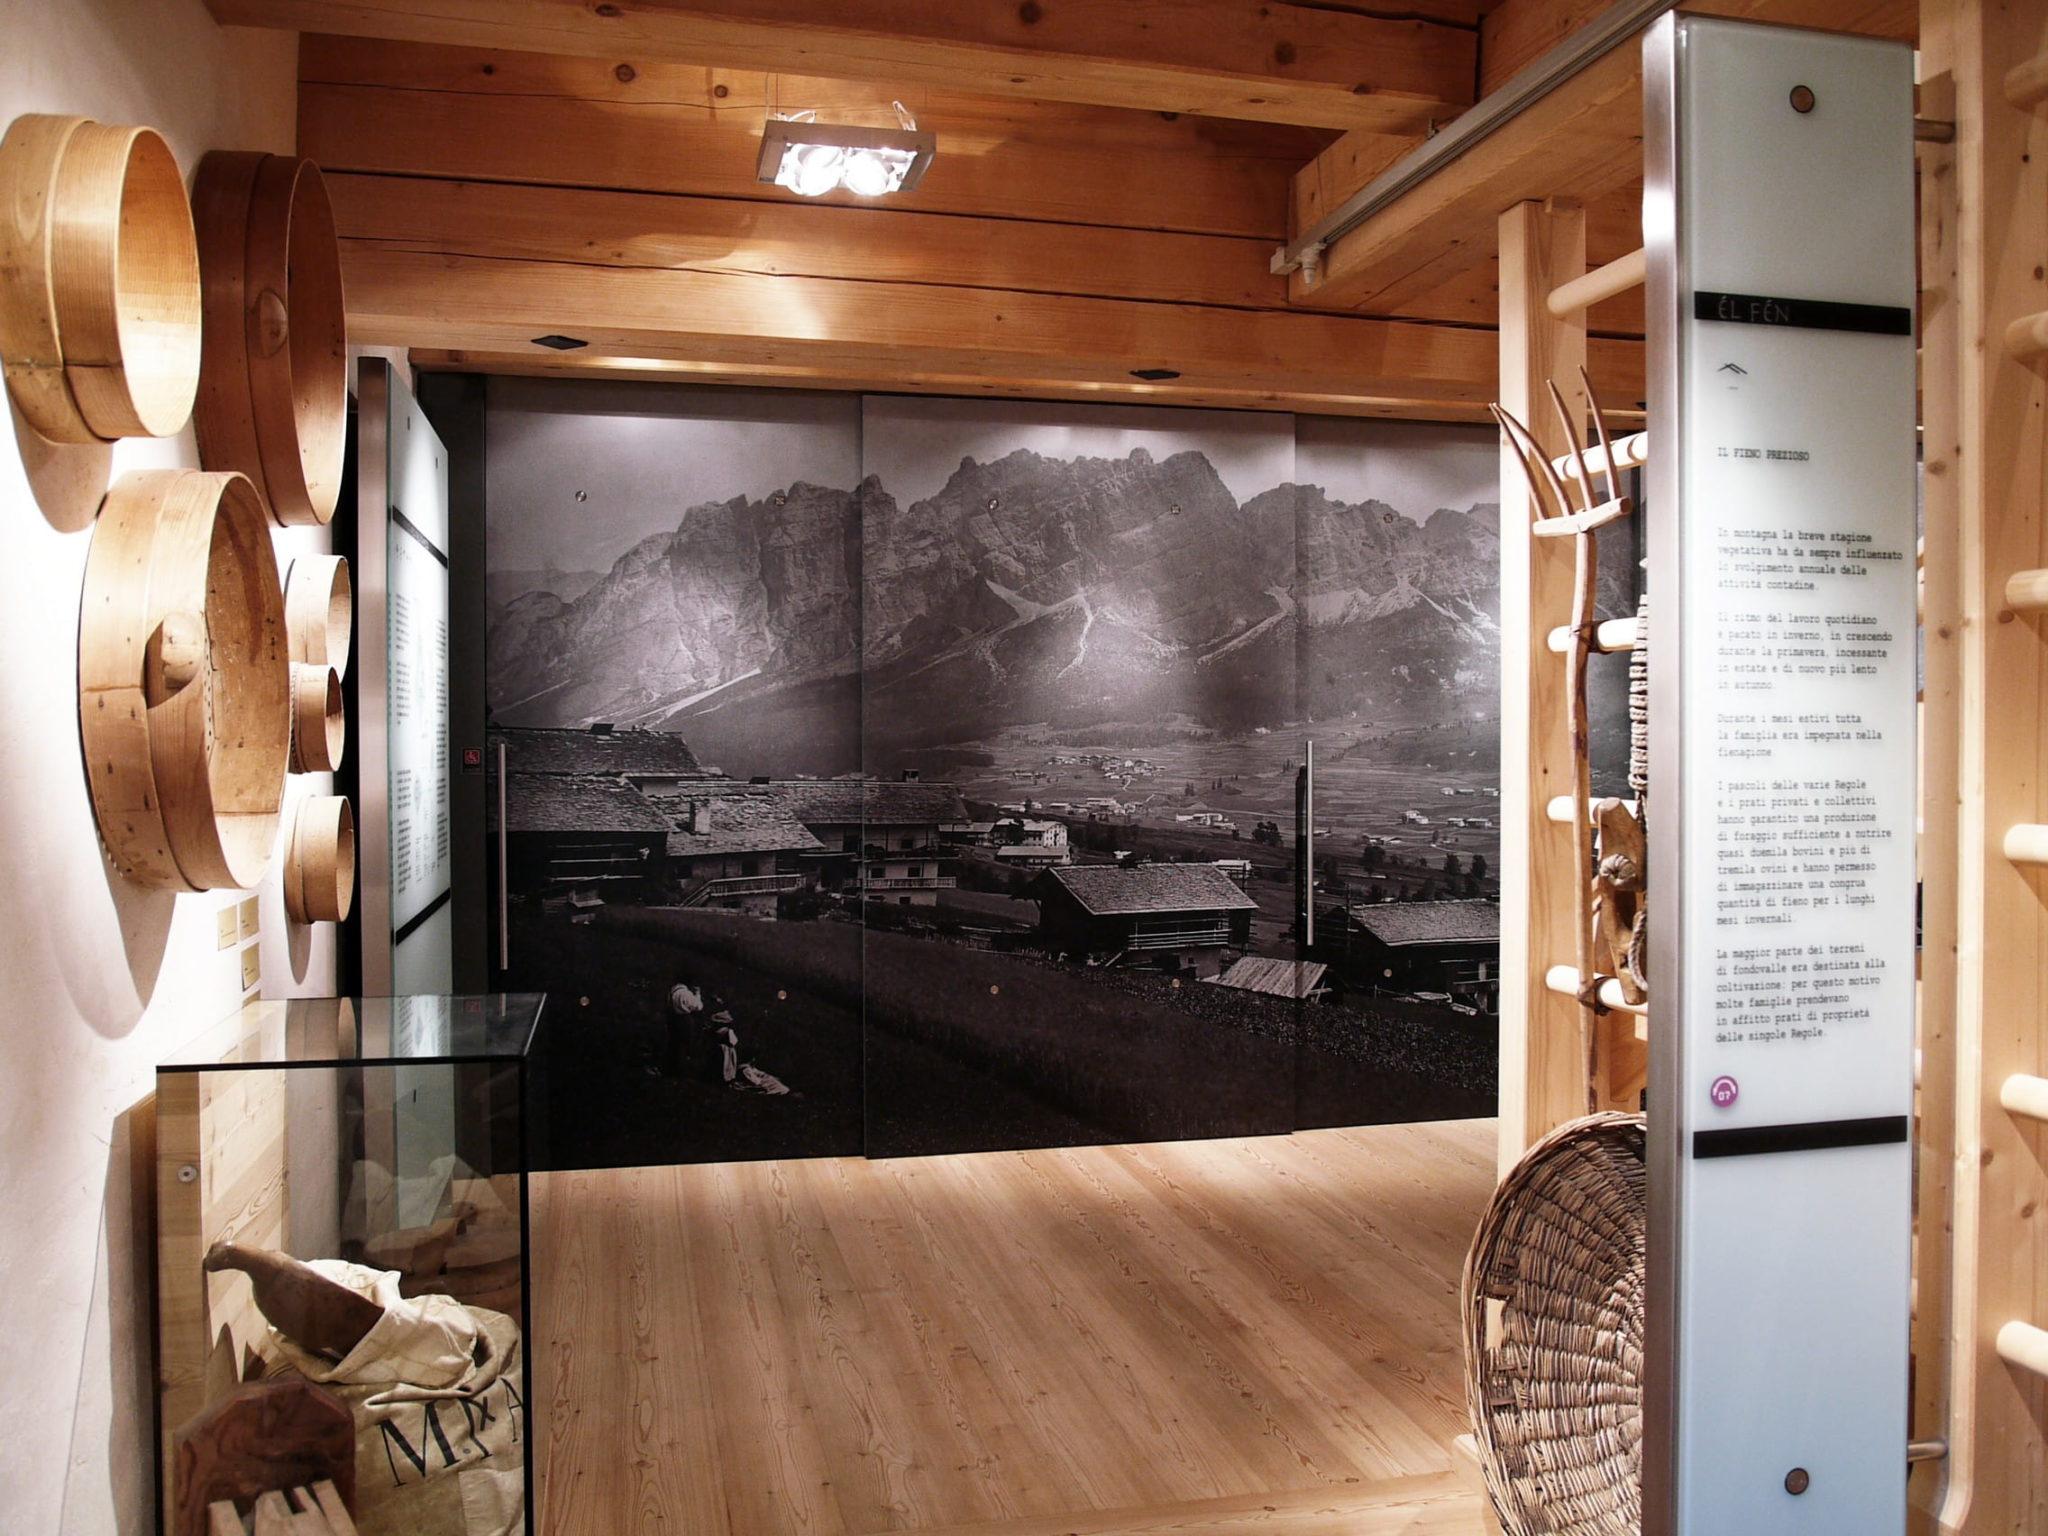 Museo Etnografico Cortina d'Ampezzo